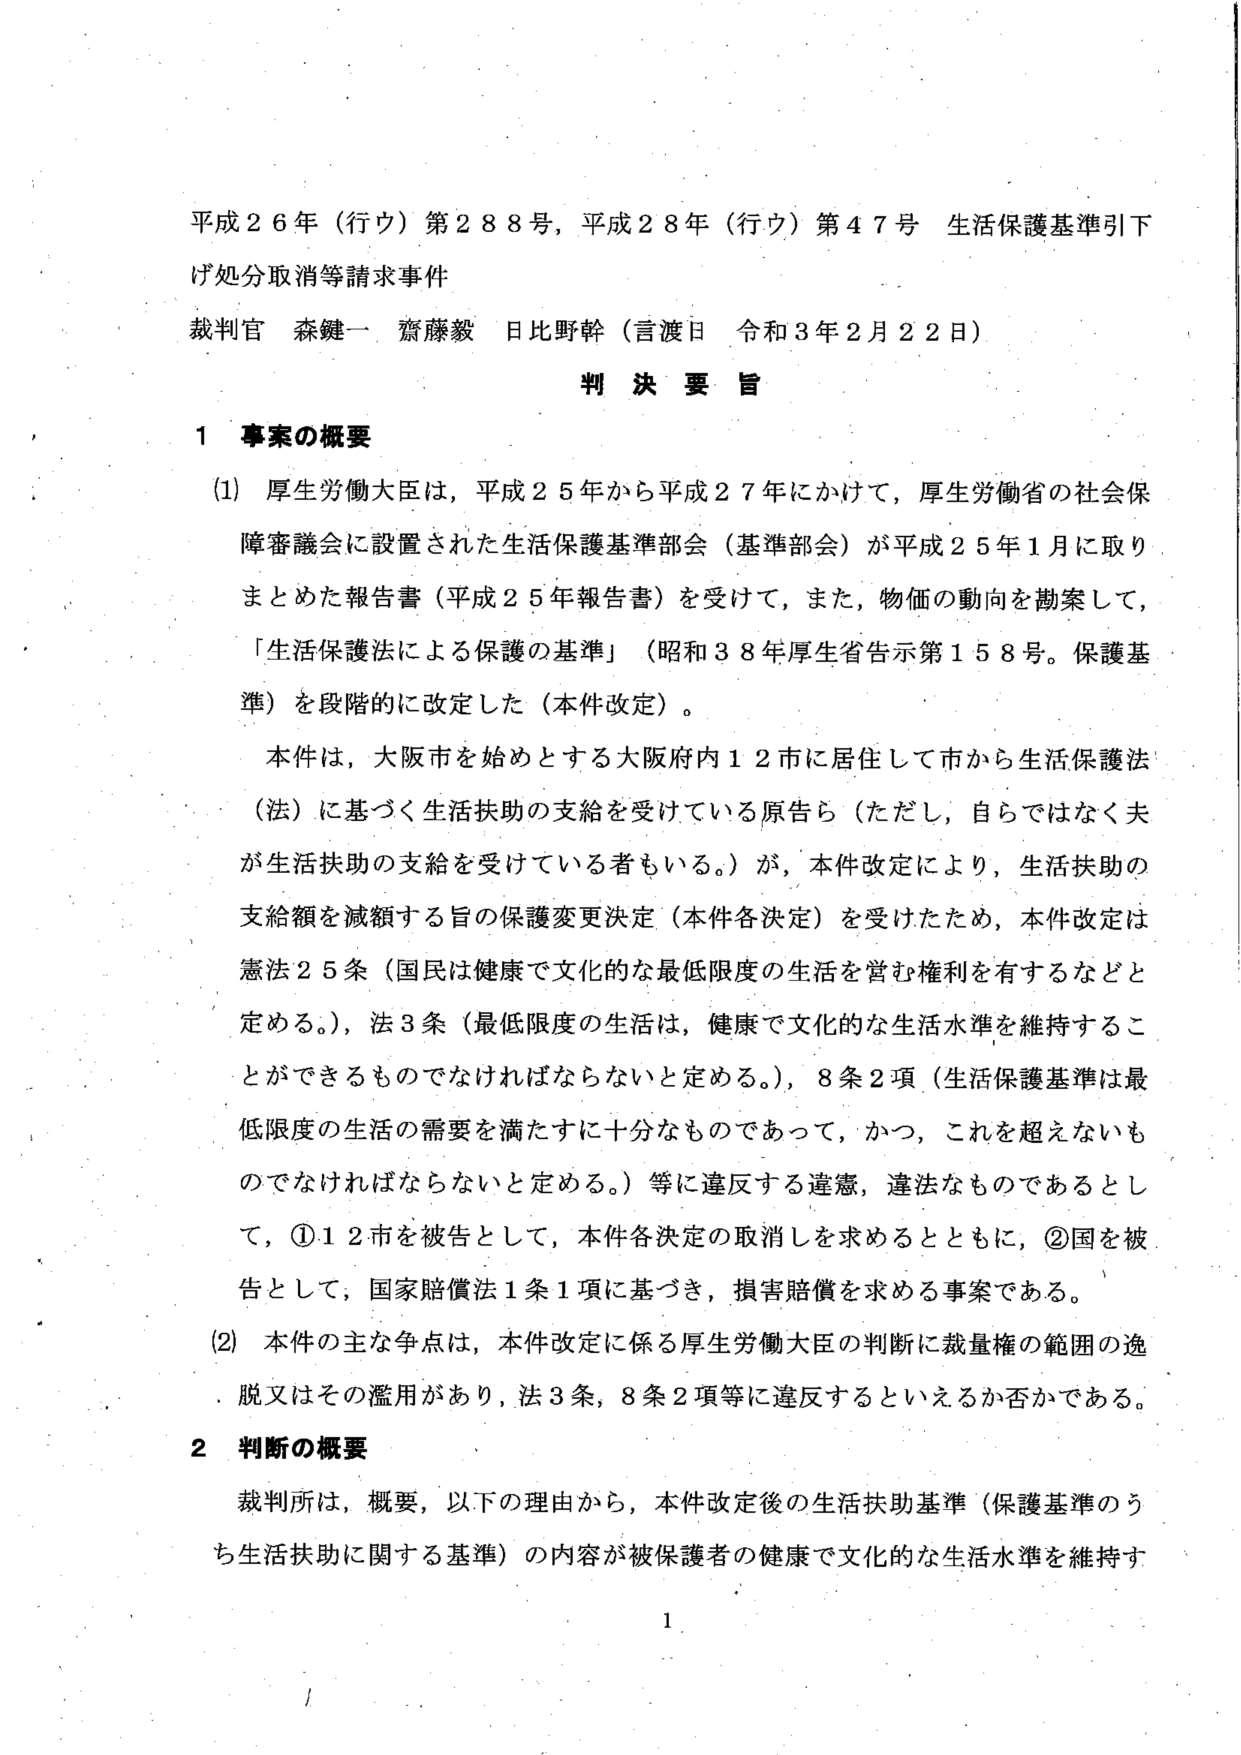 令和3年2月22日大阪地裁判決要旨